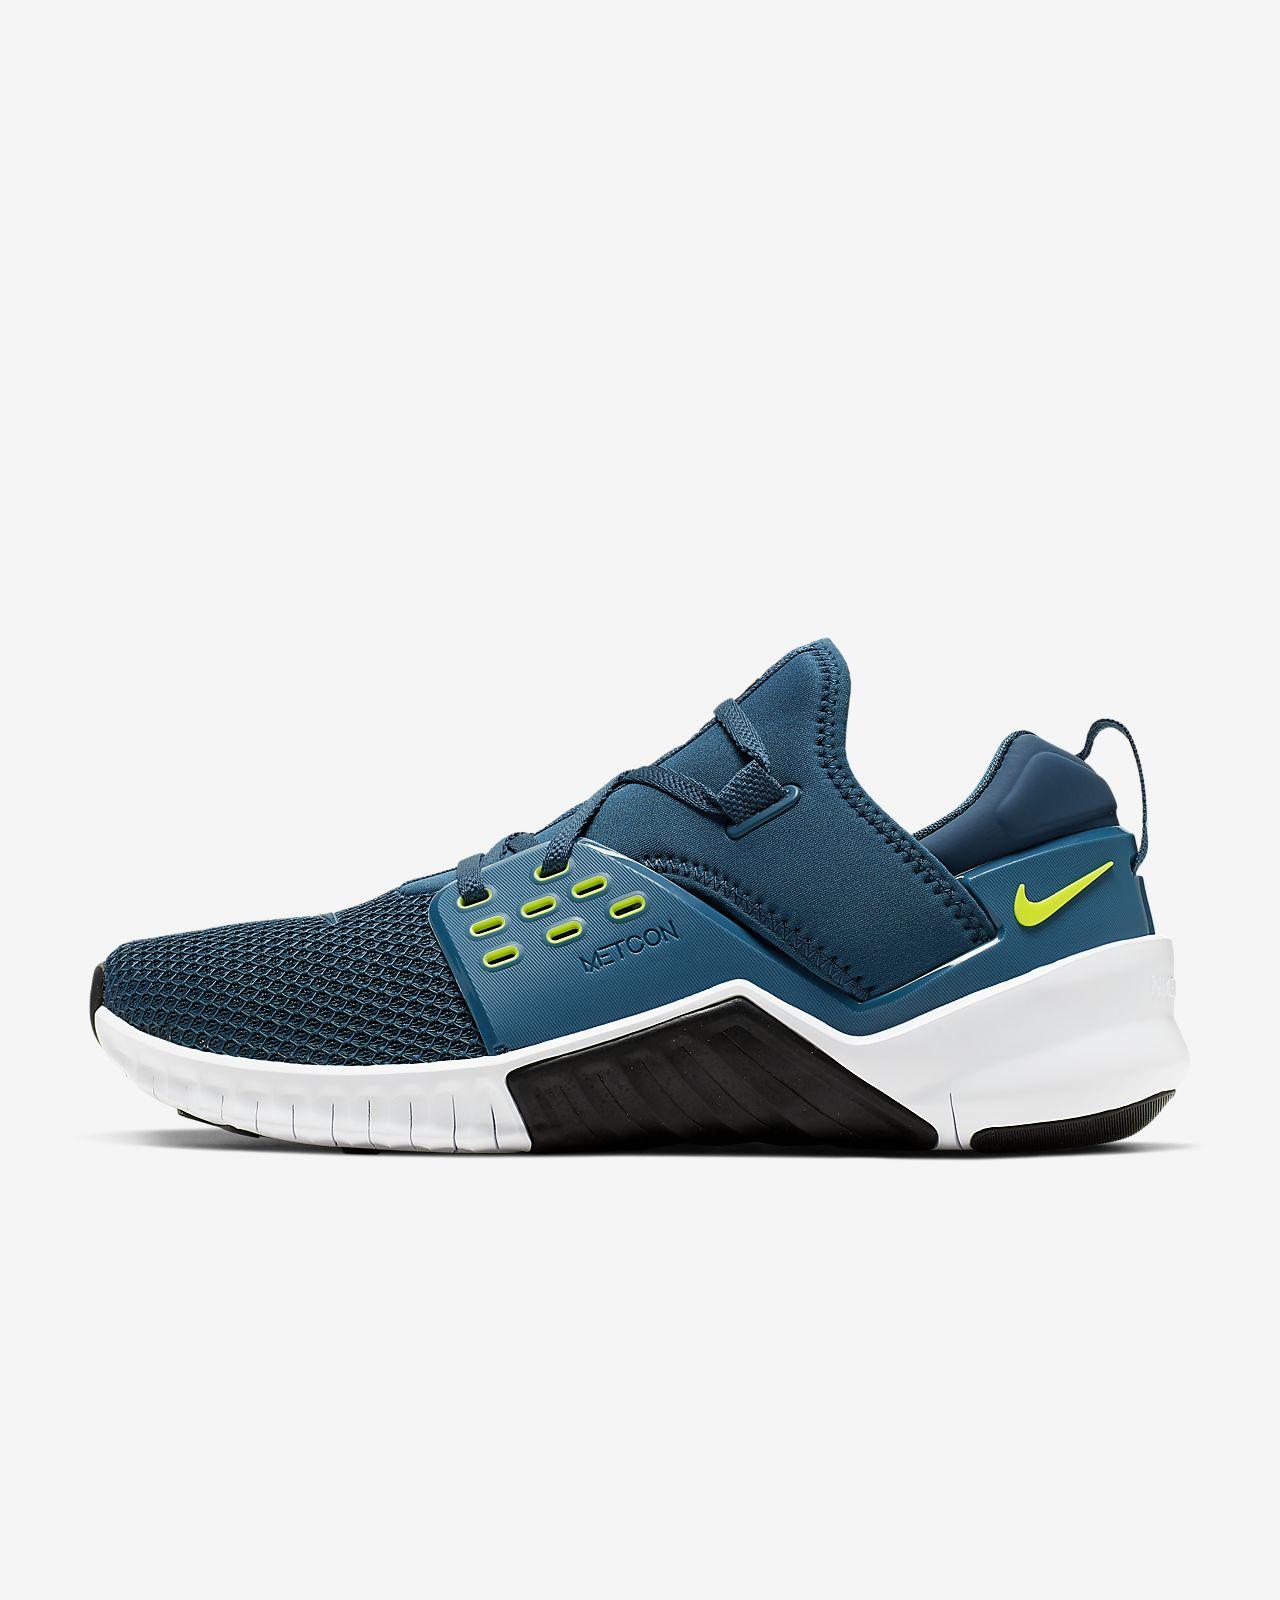 Zapatillas de entrenamiento Nike Free Metcon 2 M AQ8306 002 negro